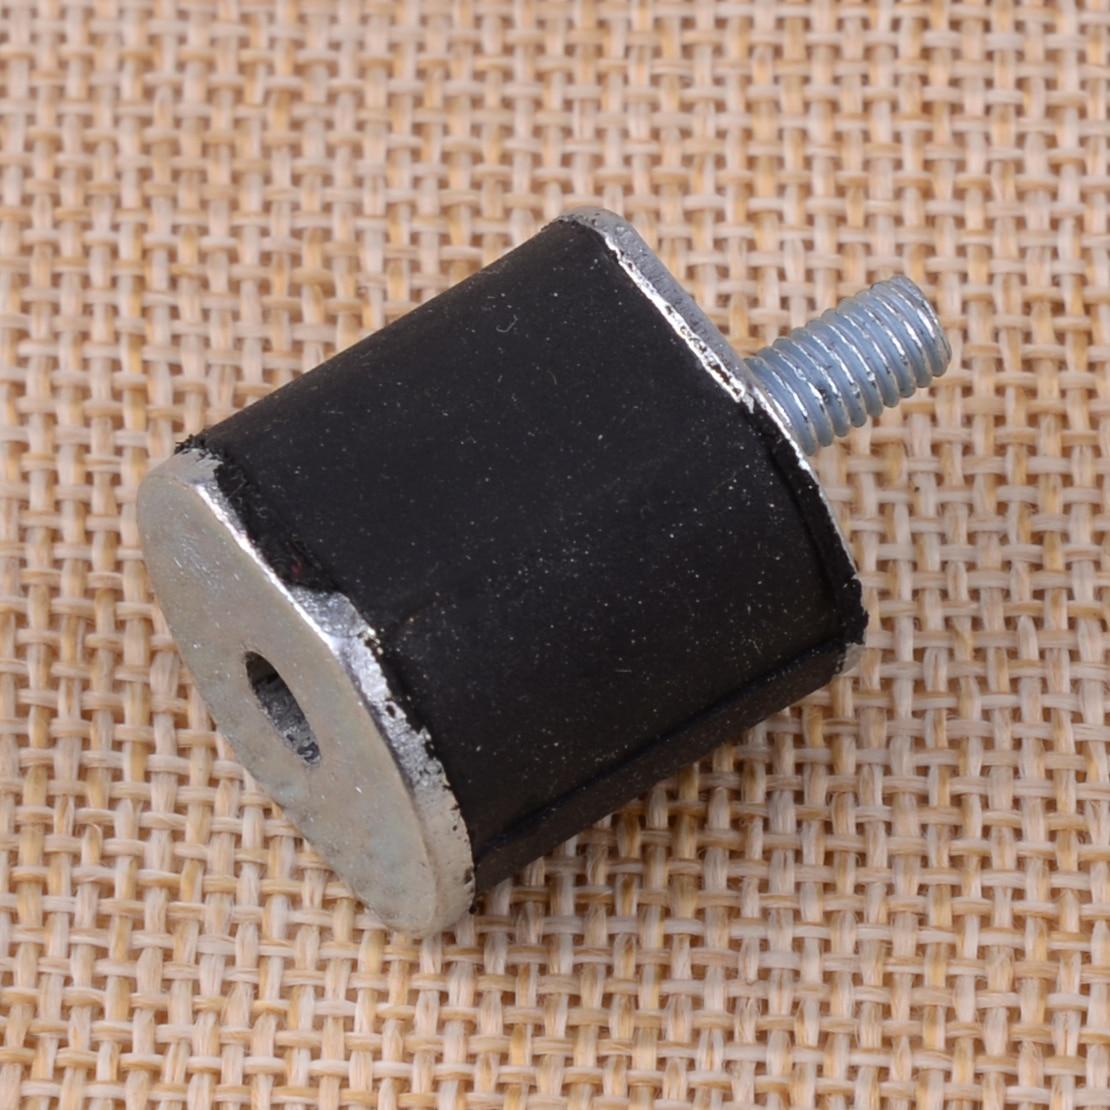 LETAOSK Noir Acier tampon Annulaire 1116 790 9600 Ajustement Pour Stihl 010 011 012 015 020T HS60 HS61 MS200